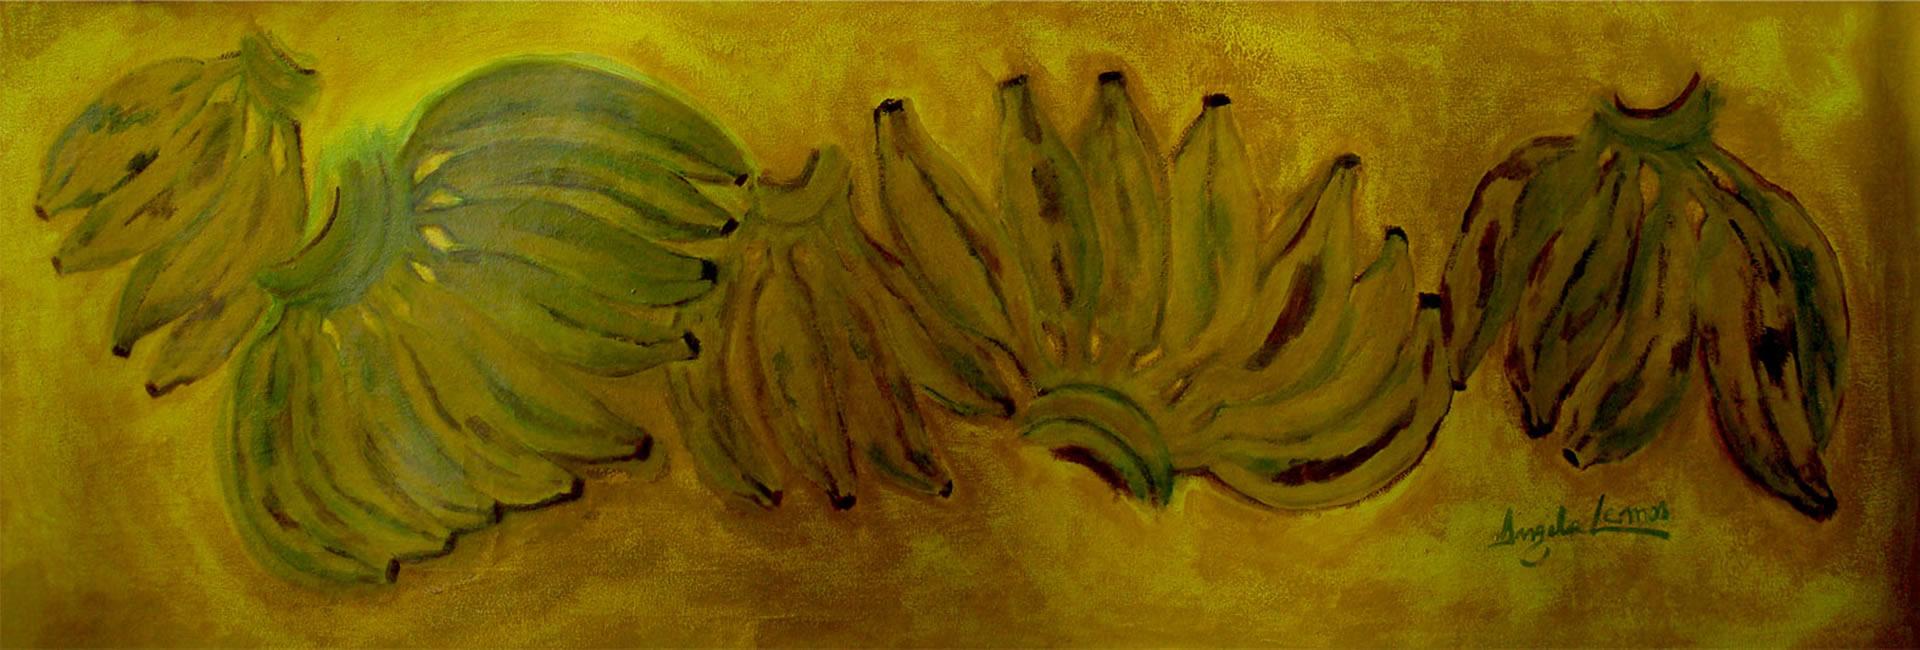 Banana Fundo Amarelo pintura angela lemos